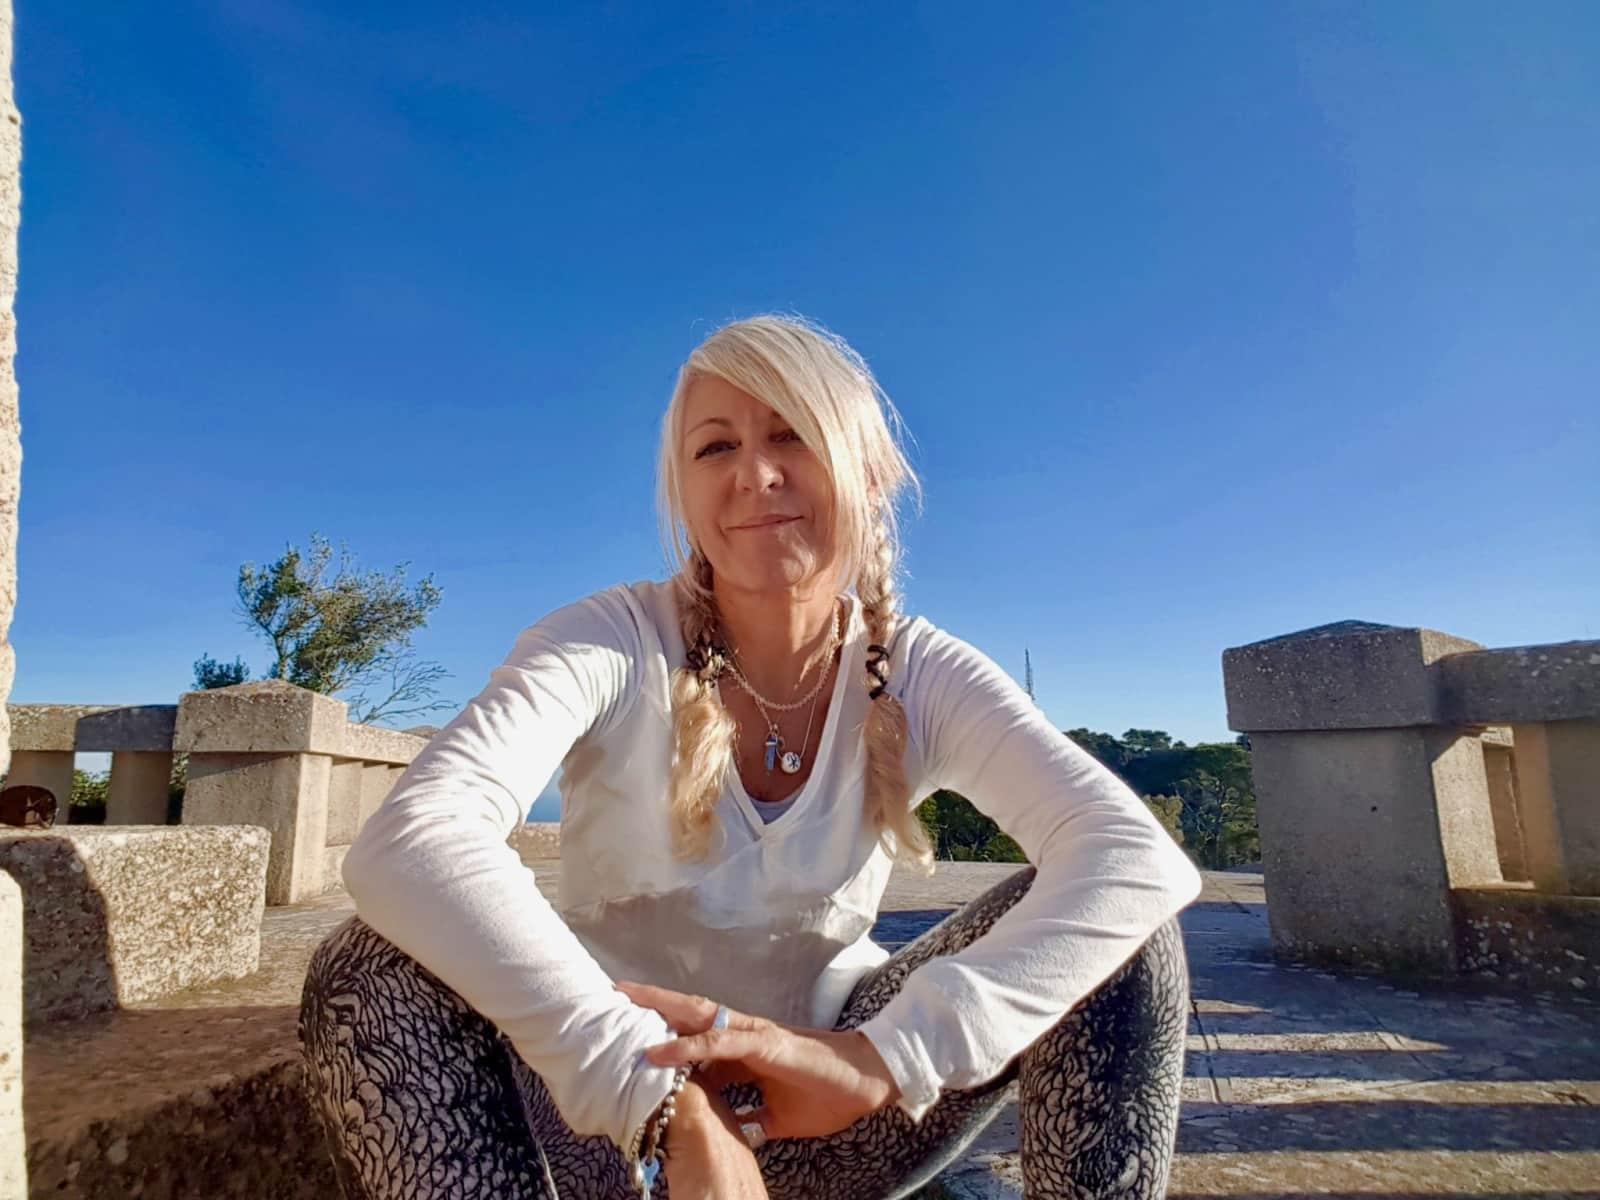 Beatriz from Palma, Spain